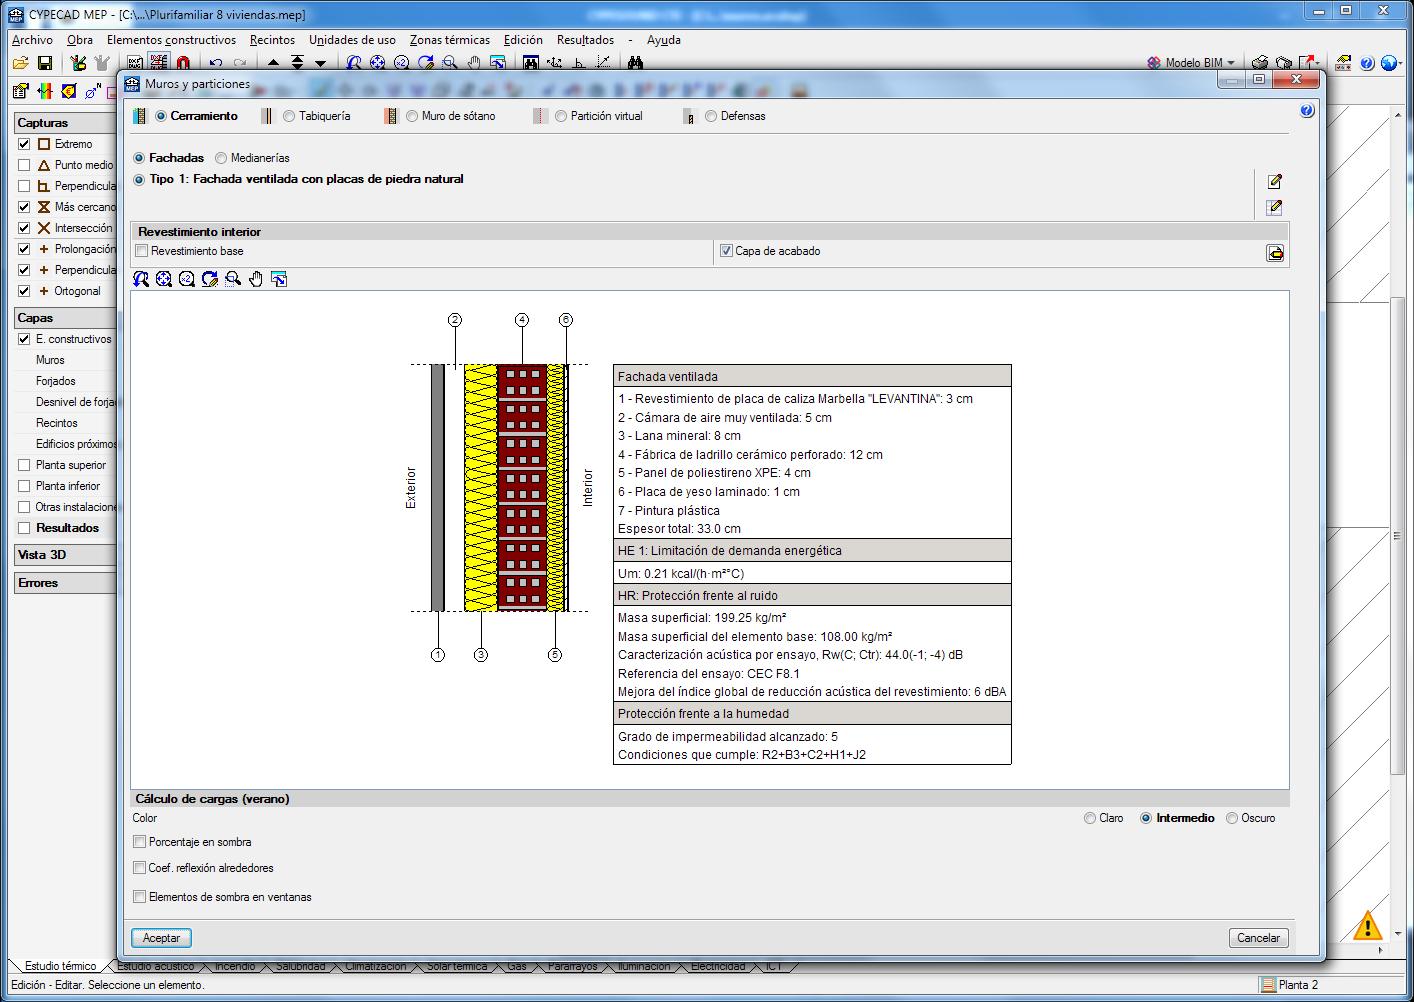 CYPECAD MEP. Exportación al proyecto BIM de las características acústicas de las soluciones constructivas empleadas